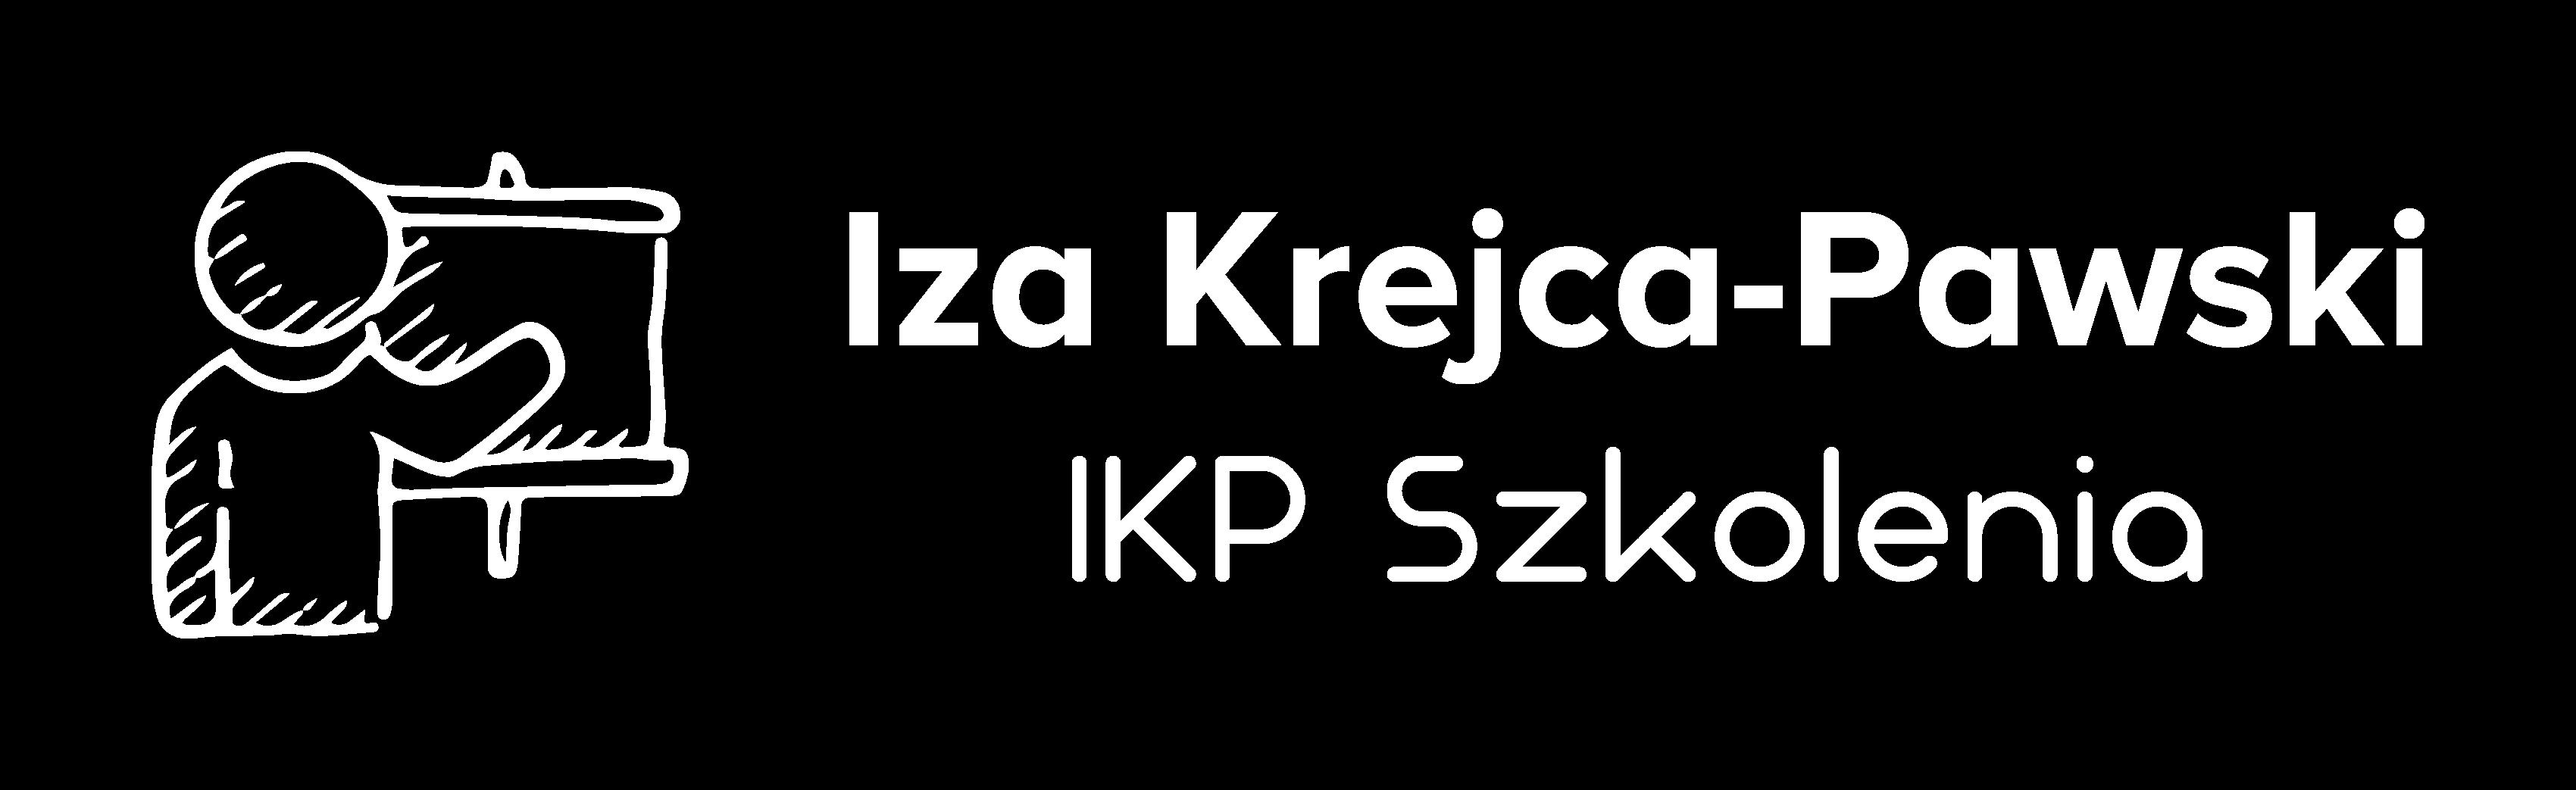 whitelogotransparentbackground � iza krejcapawski